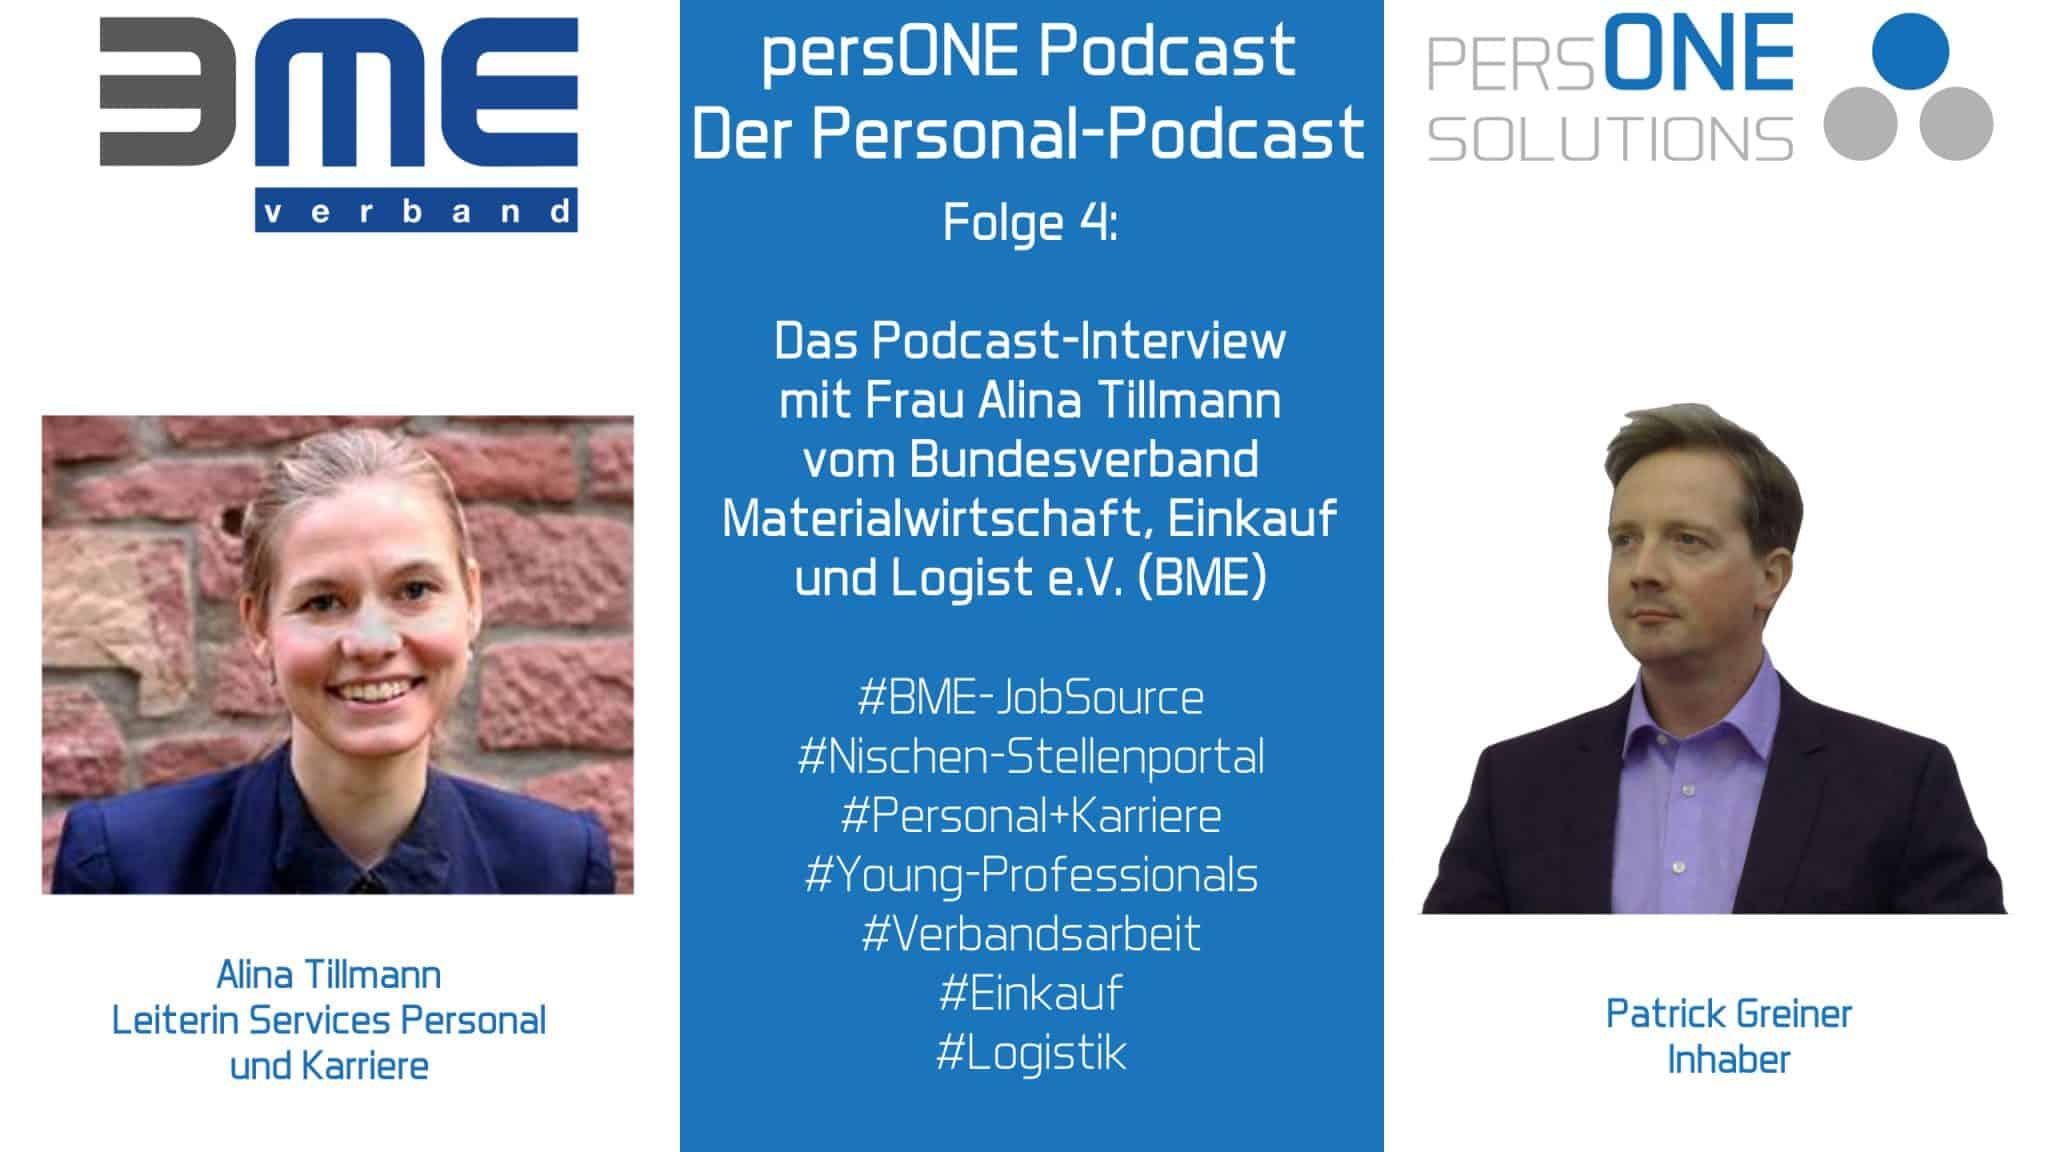 Interview mit Alina Tillmann vom Bundesverband Materialwirtschaft, Einkauf und Logistik e. V. (BME)